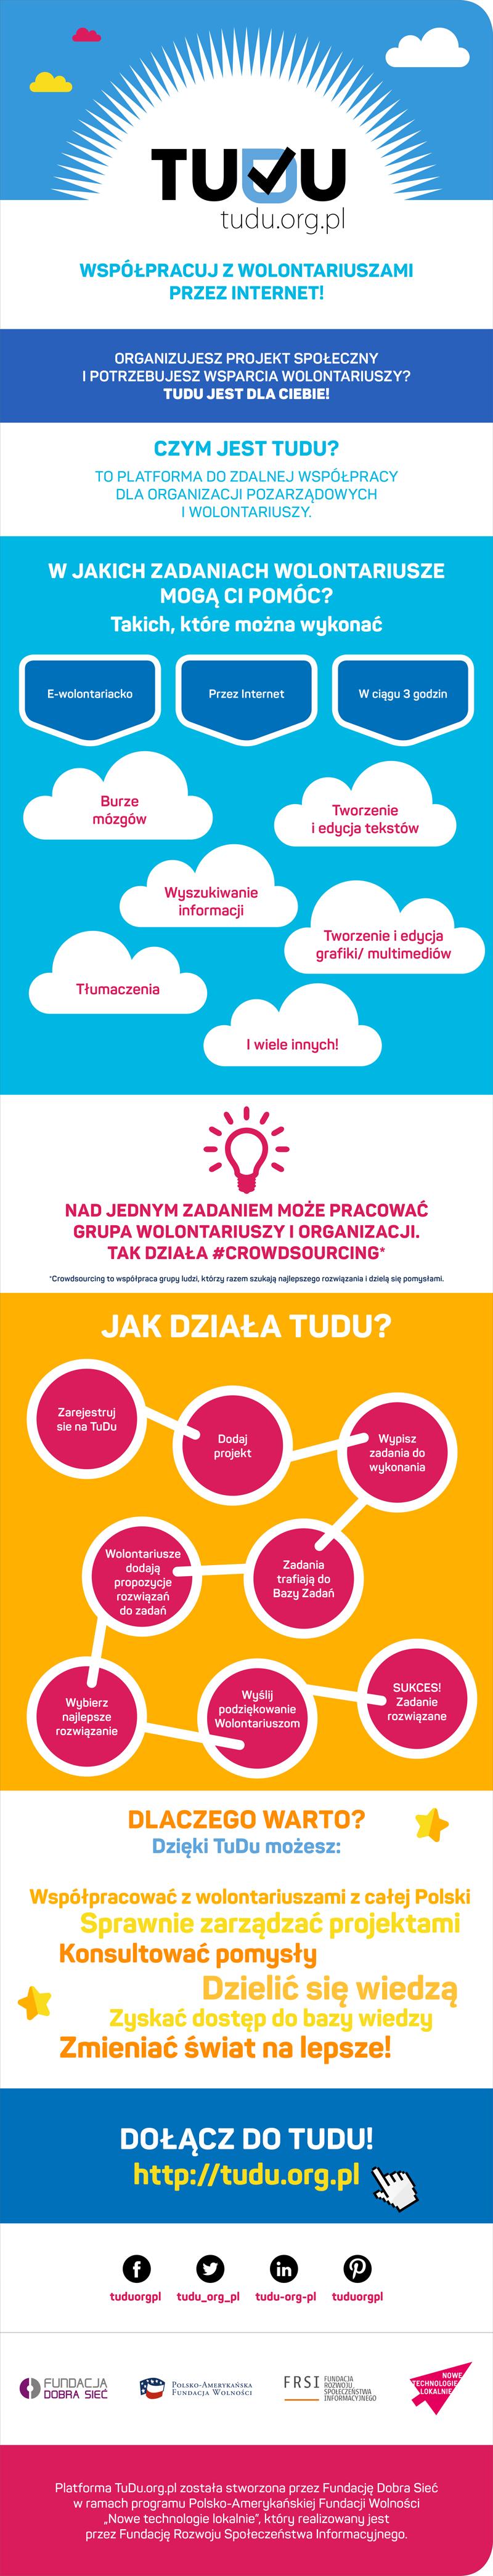 TuDu_infografika_ngo